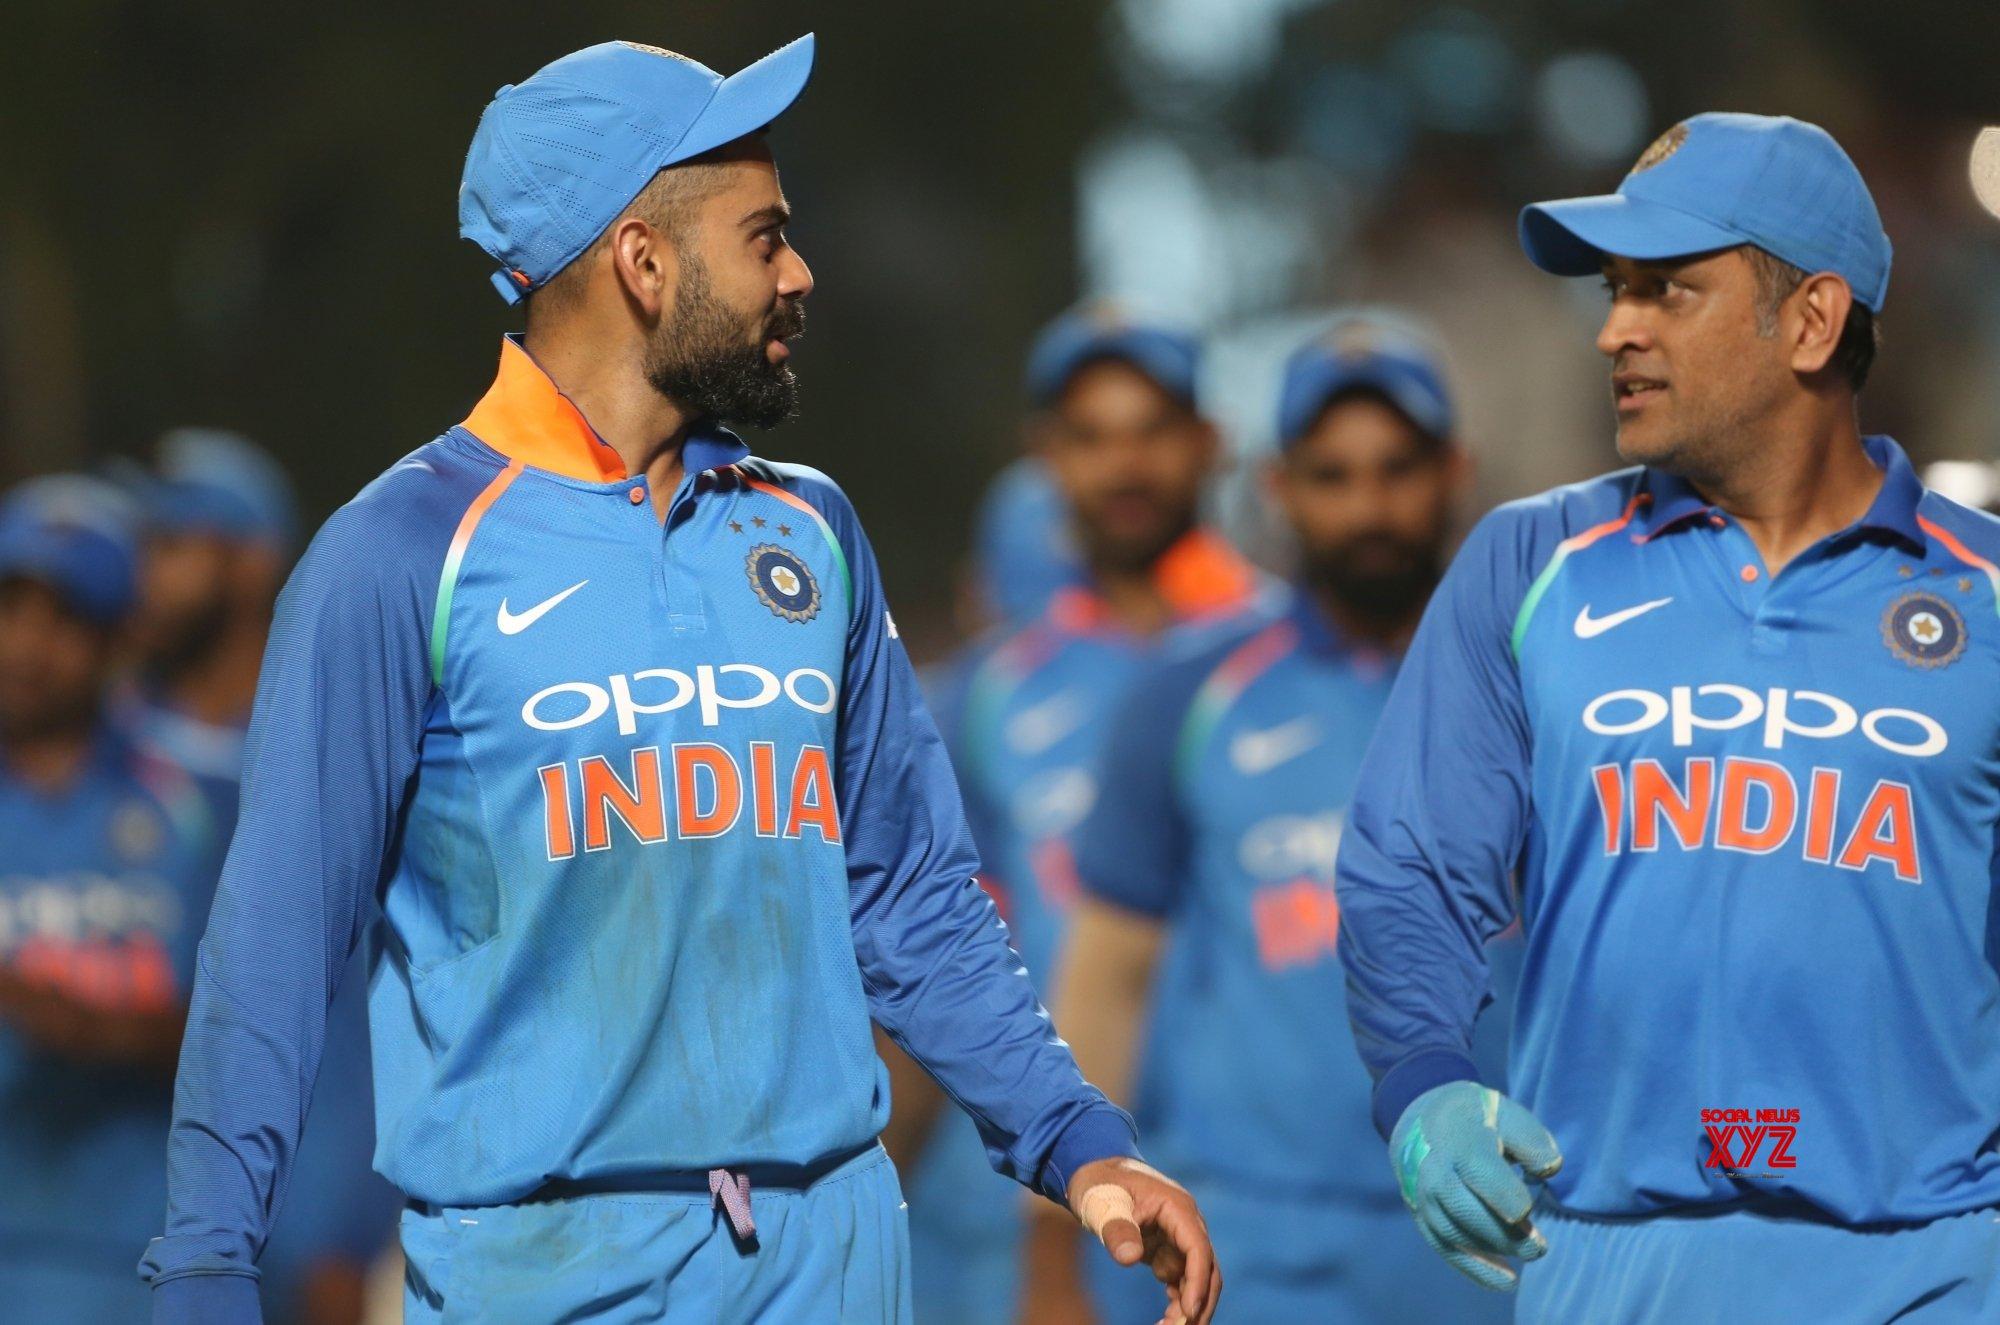 Dhoni, Kohli are Namrata Shirodkar's favourite cricketers